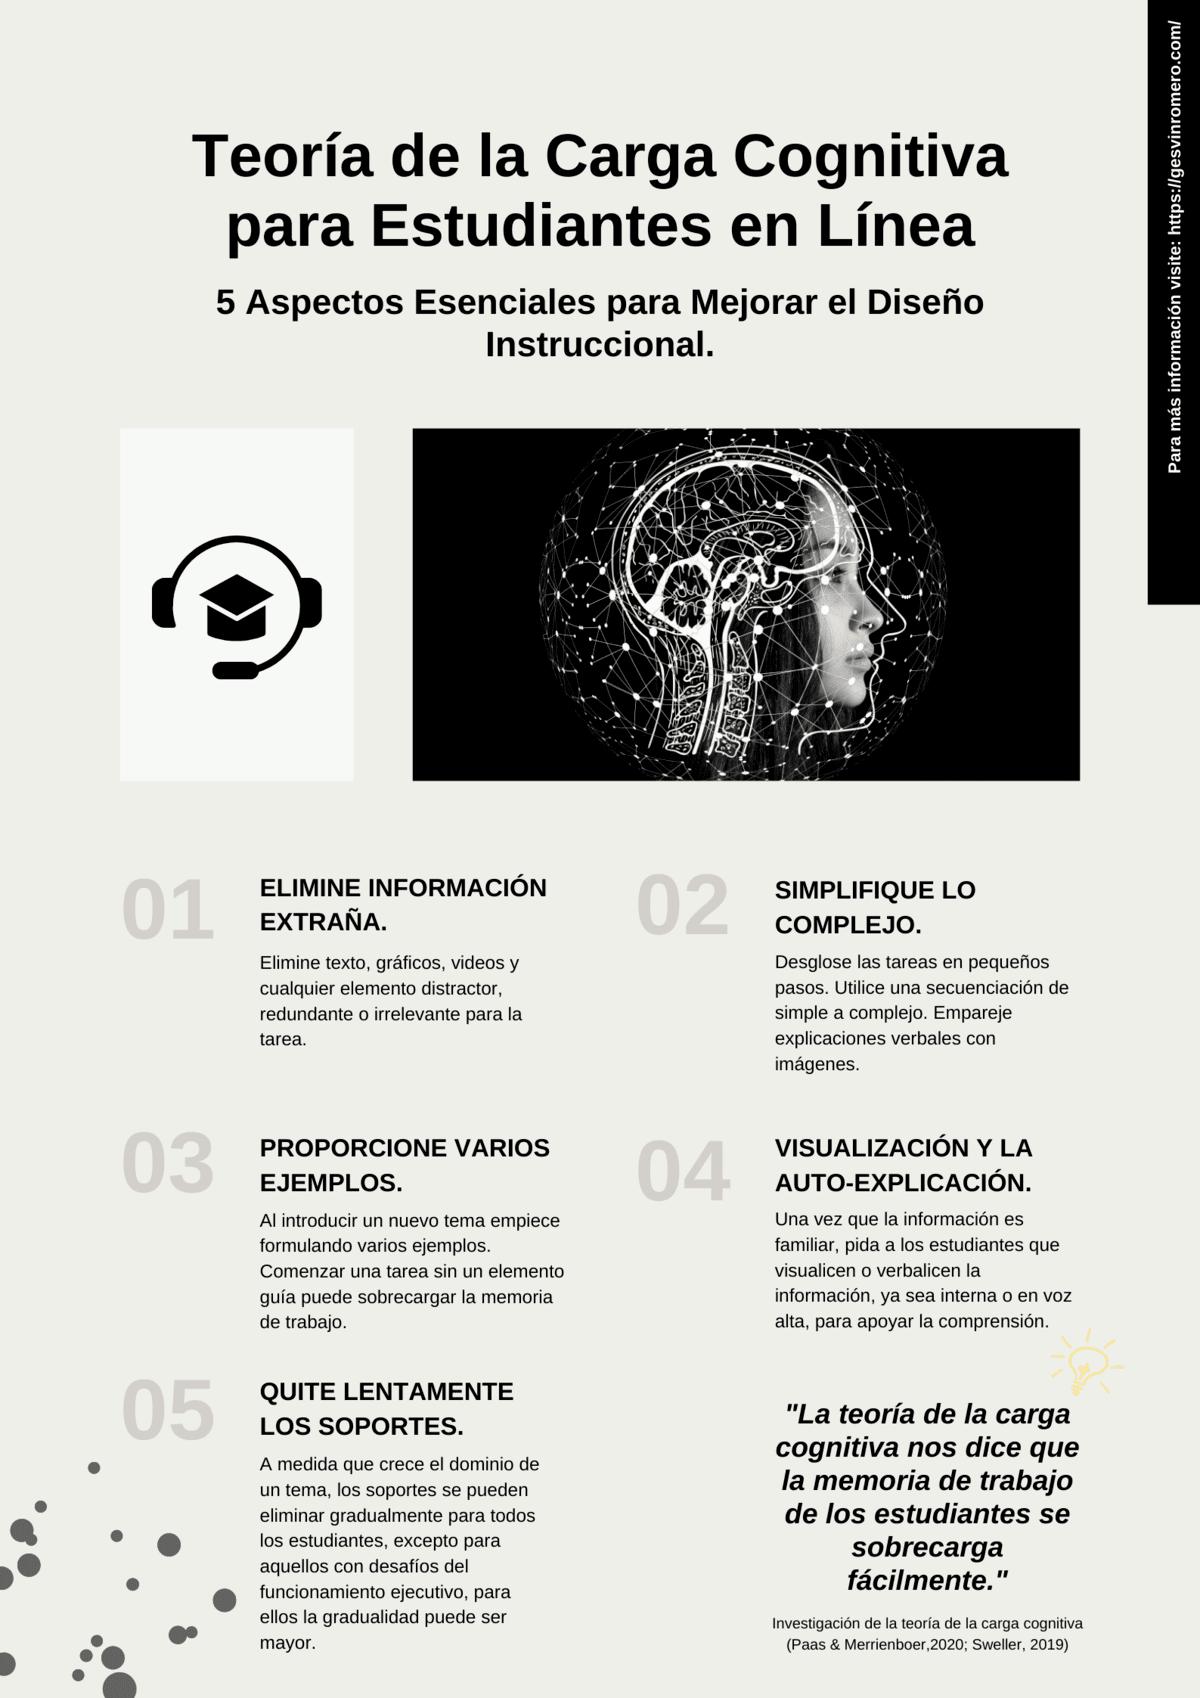 Teoría de la Carga Cognitiva para Estudiantes en Línea - 5 Aspectos Esenciales para Mejorar el Diseño Instruccional.